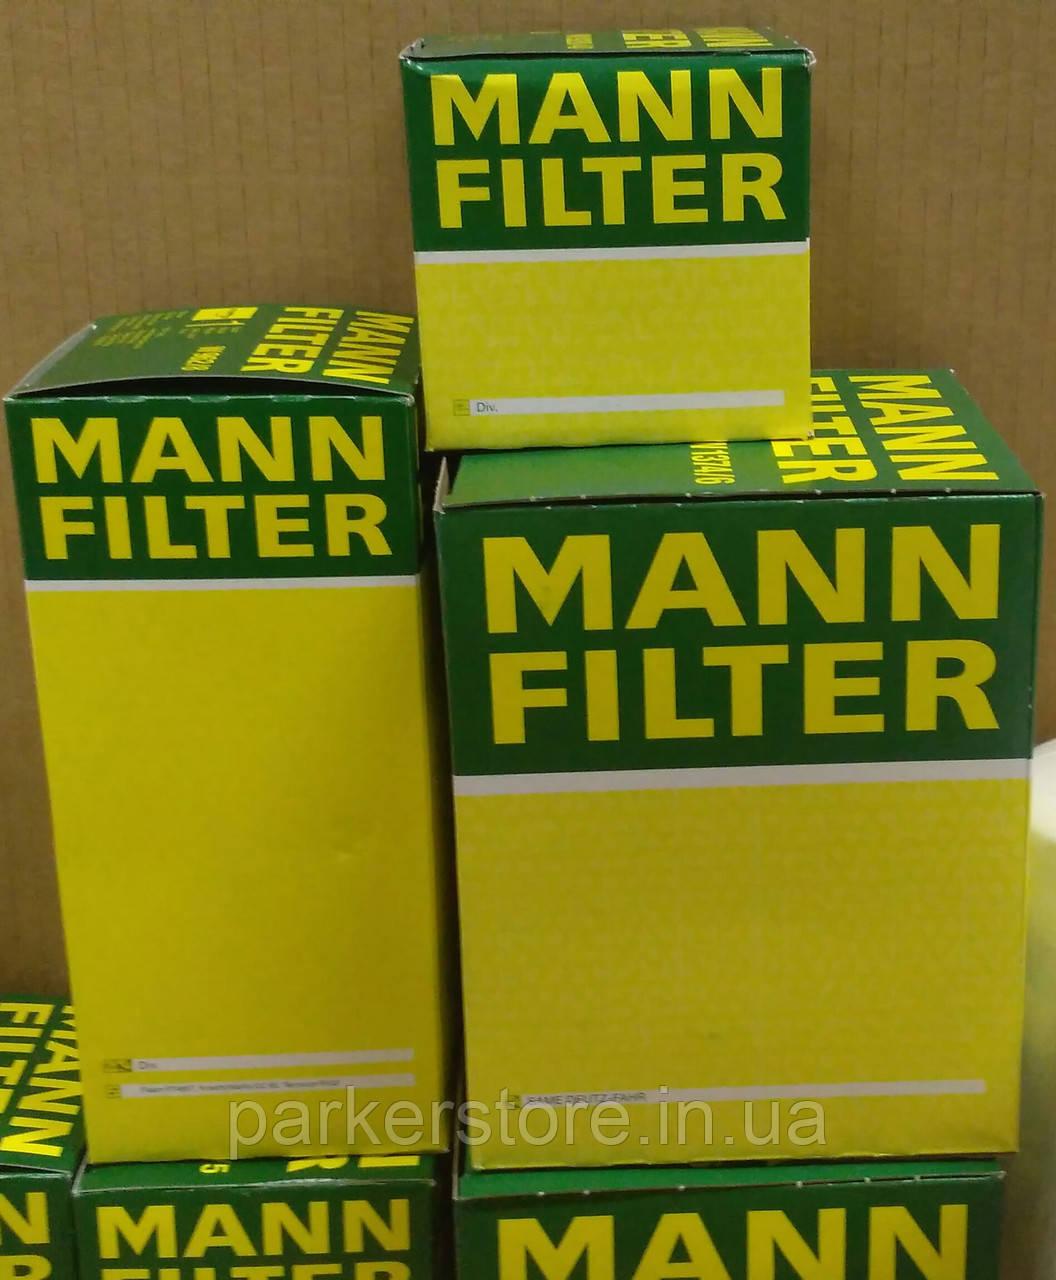 MANN FILTER / Воздушный фильтр / C 17 129 / C17129